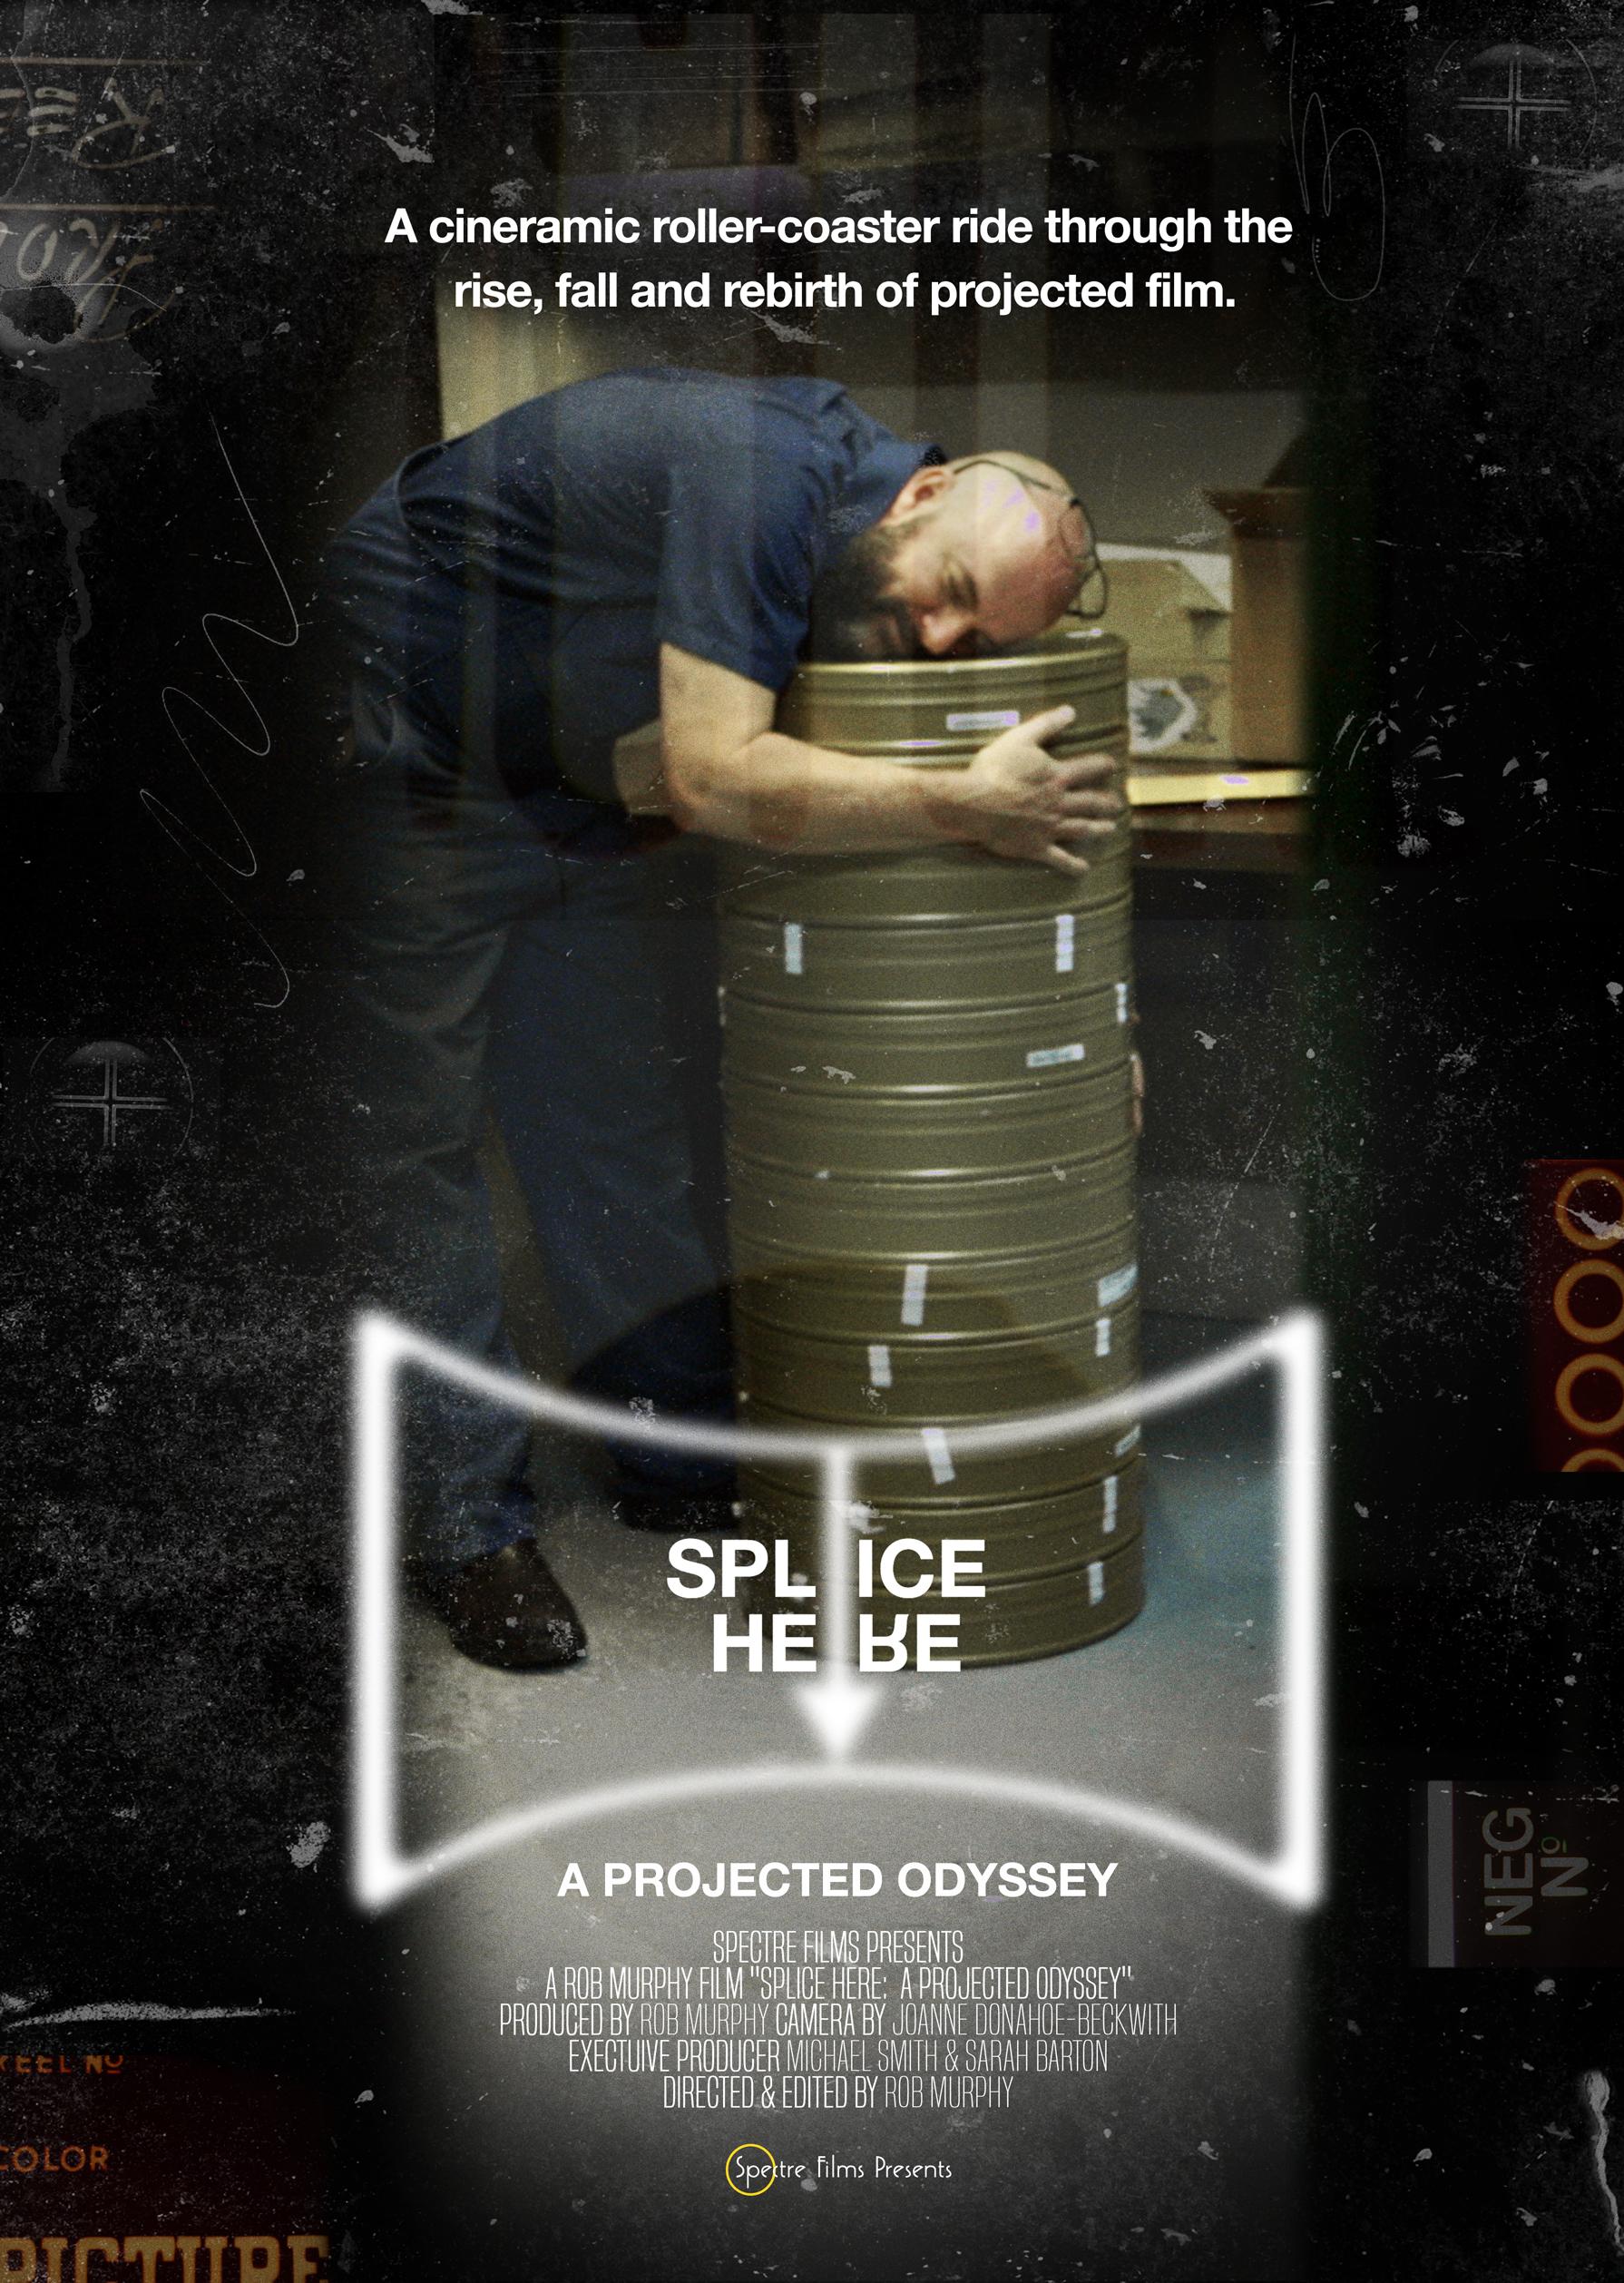 Splice-Here-poster.jpg